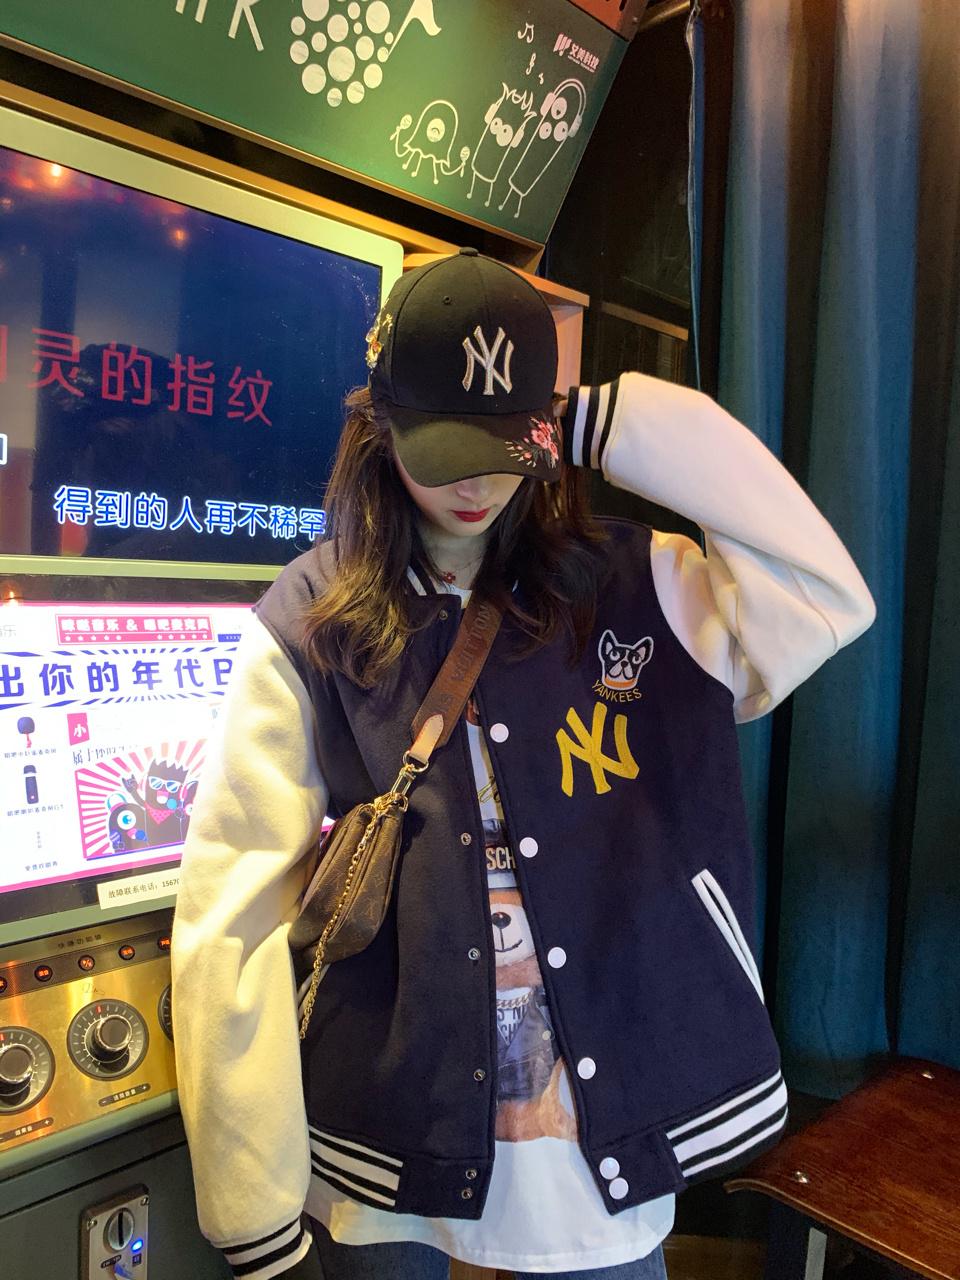 分享♥︎秋冬新款棒球服厚外套